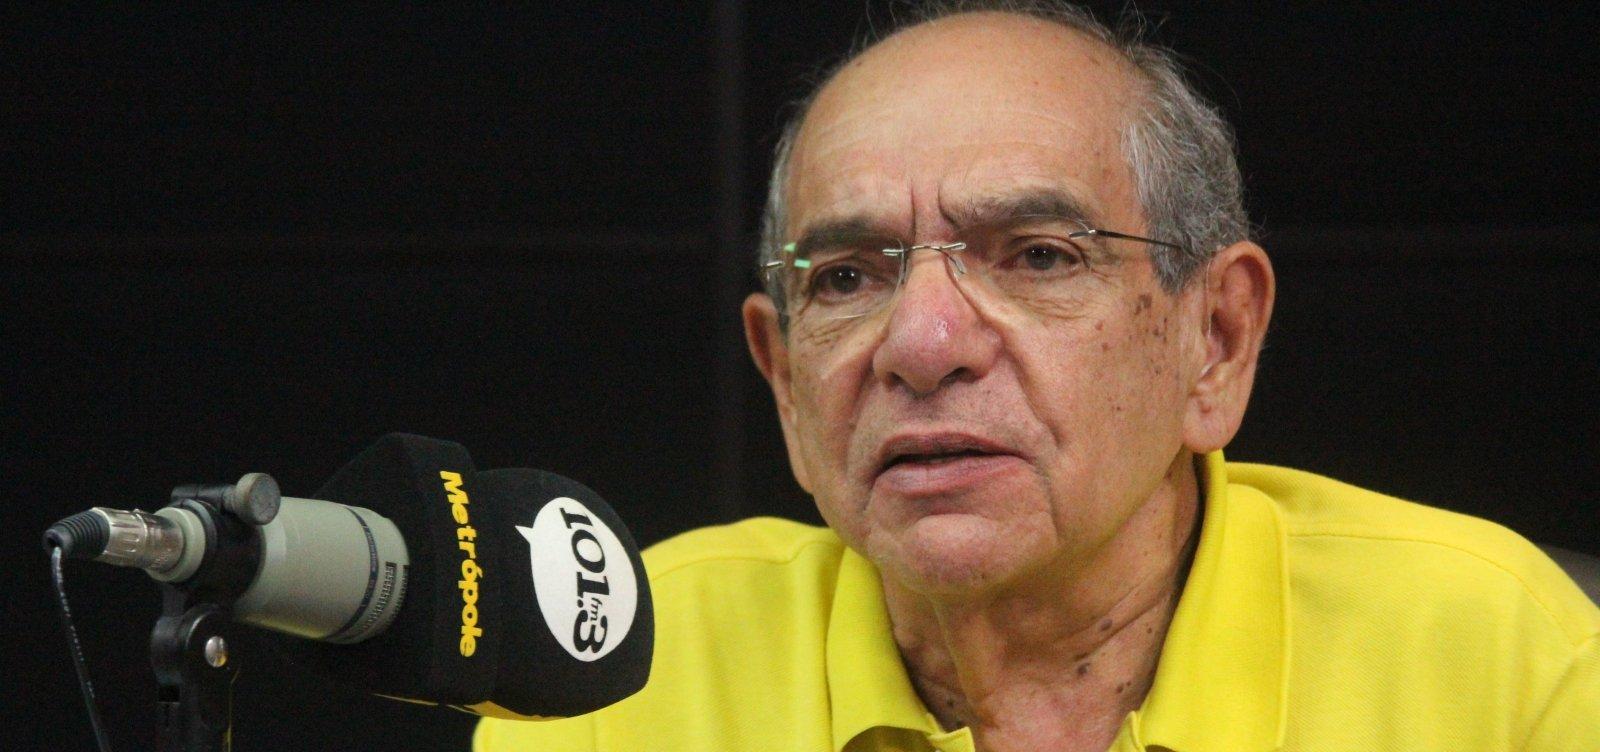 MK comenta eleição na Câmara e acordos do governo com o Centrão: 'Mesma política de sempre'; ouça